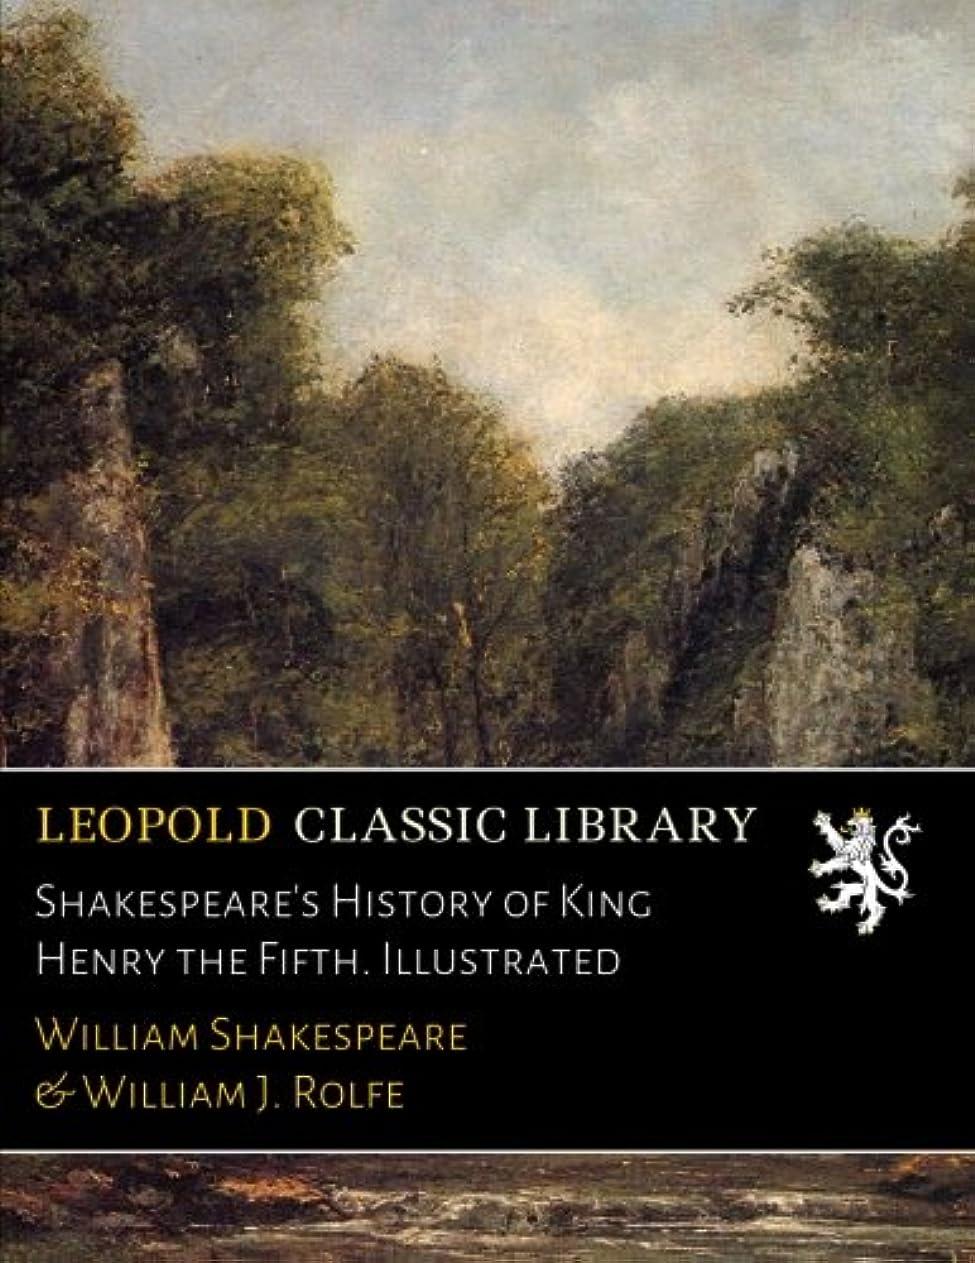 繰り返す性能排泄するShakespeare's History of King Henry the Fifth. Illustrated